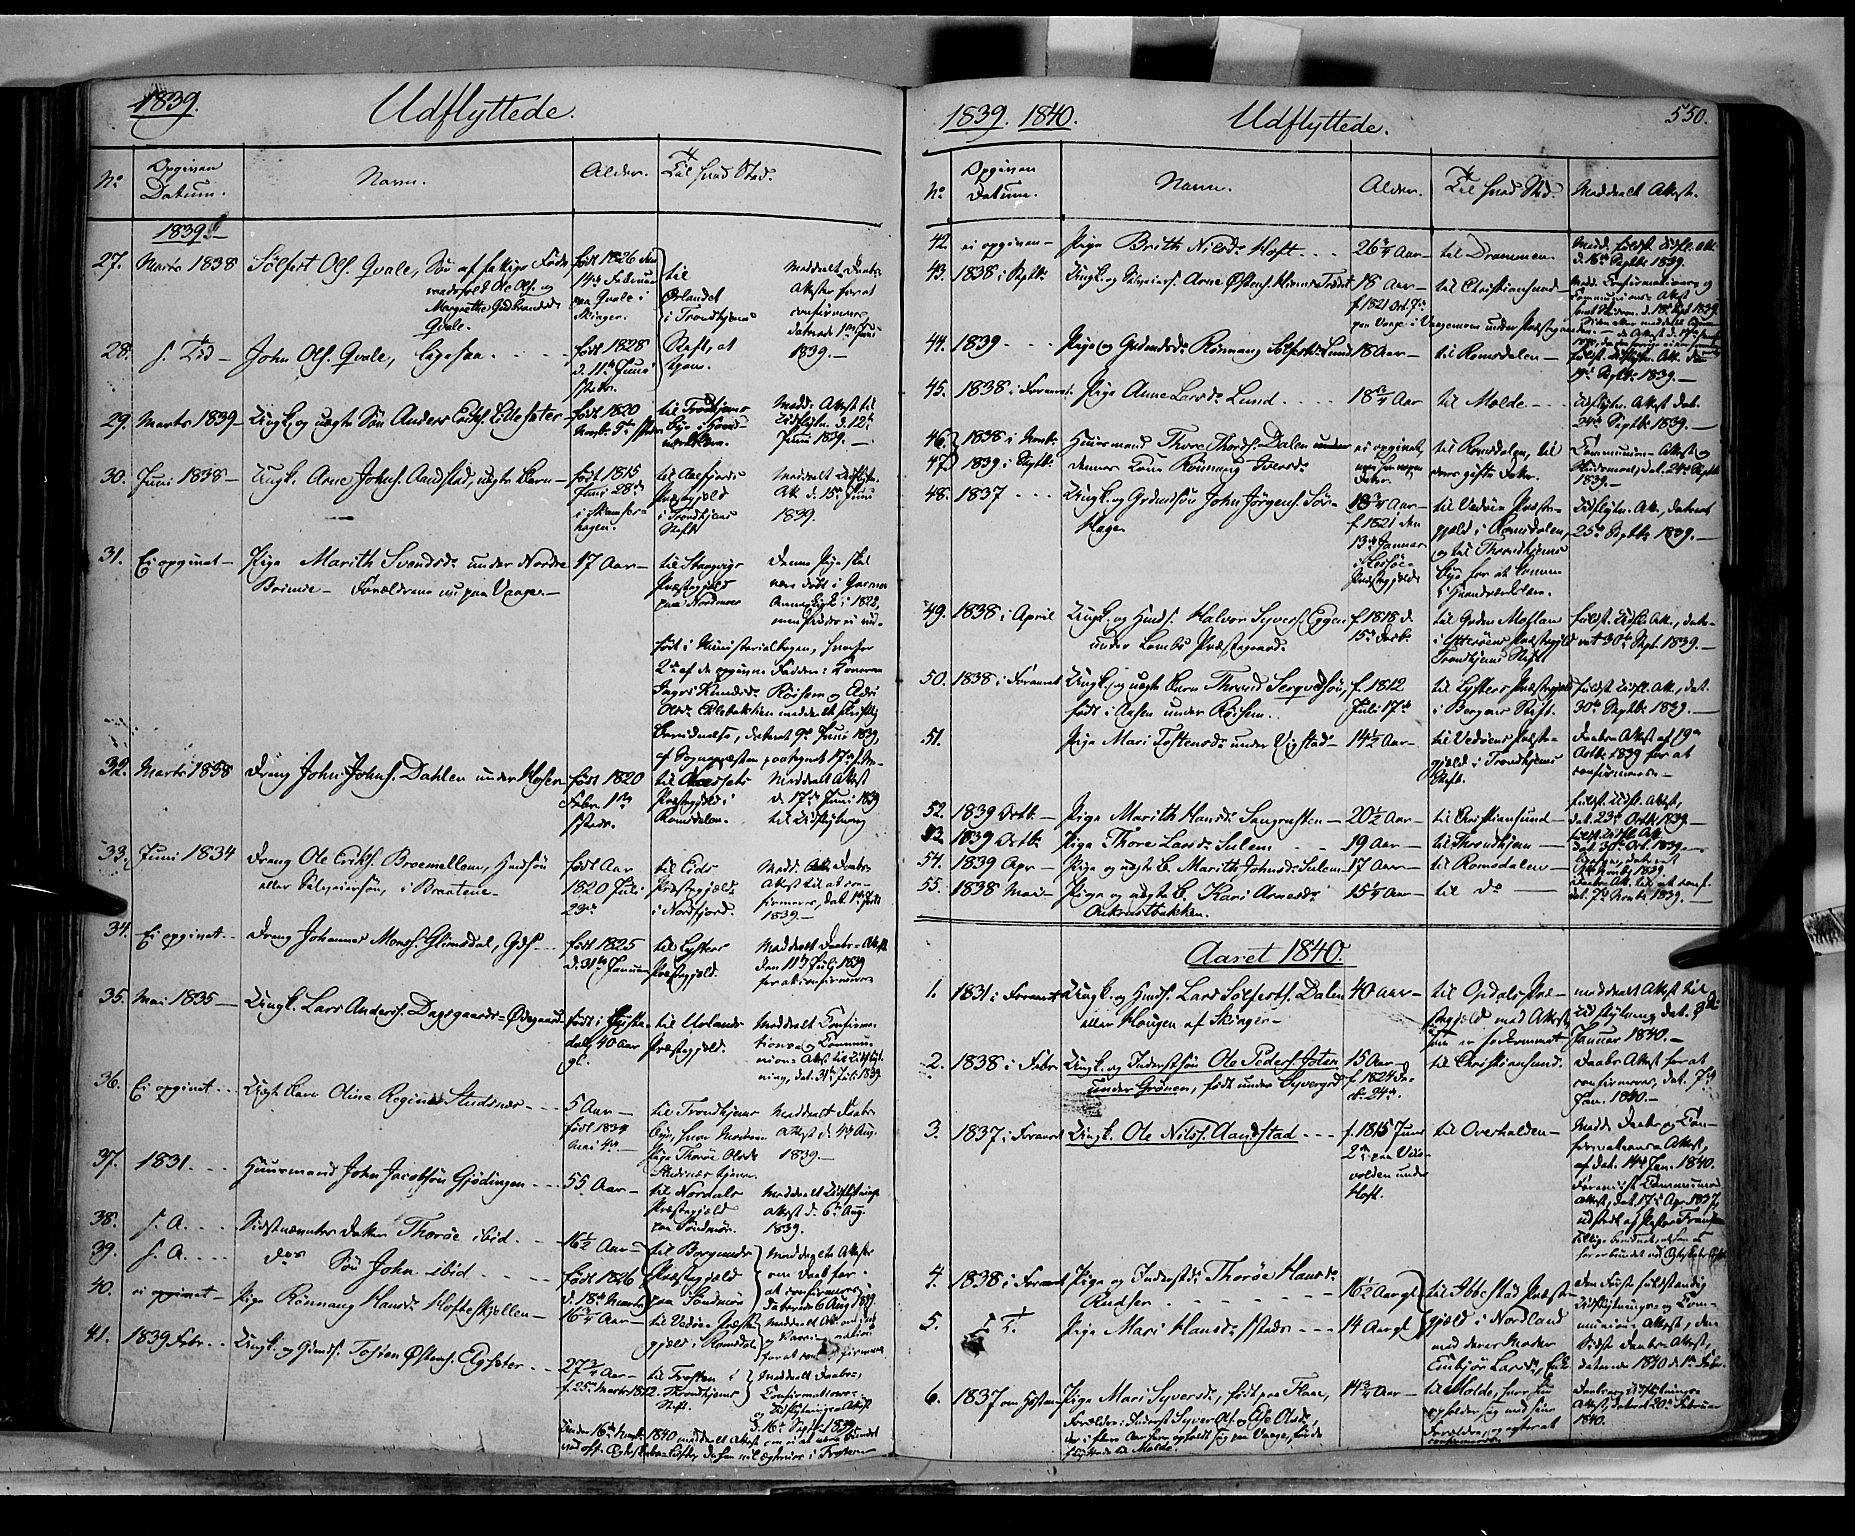 SAH, Lom prestekontor, K/L0006: Ministerialbok nr. 6B, 1837-1863, s. 550